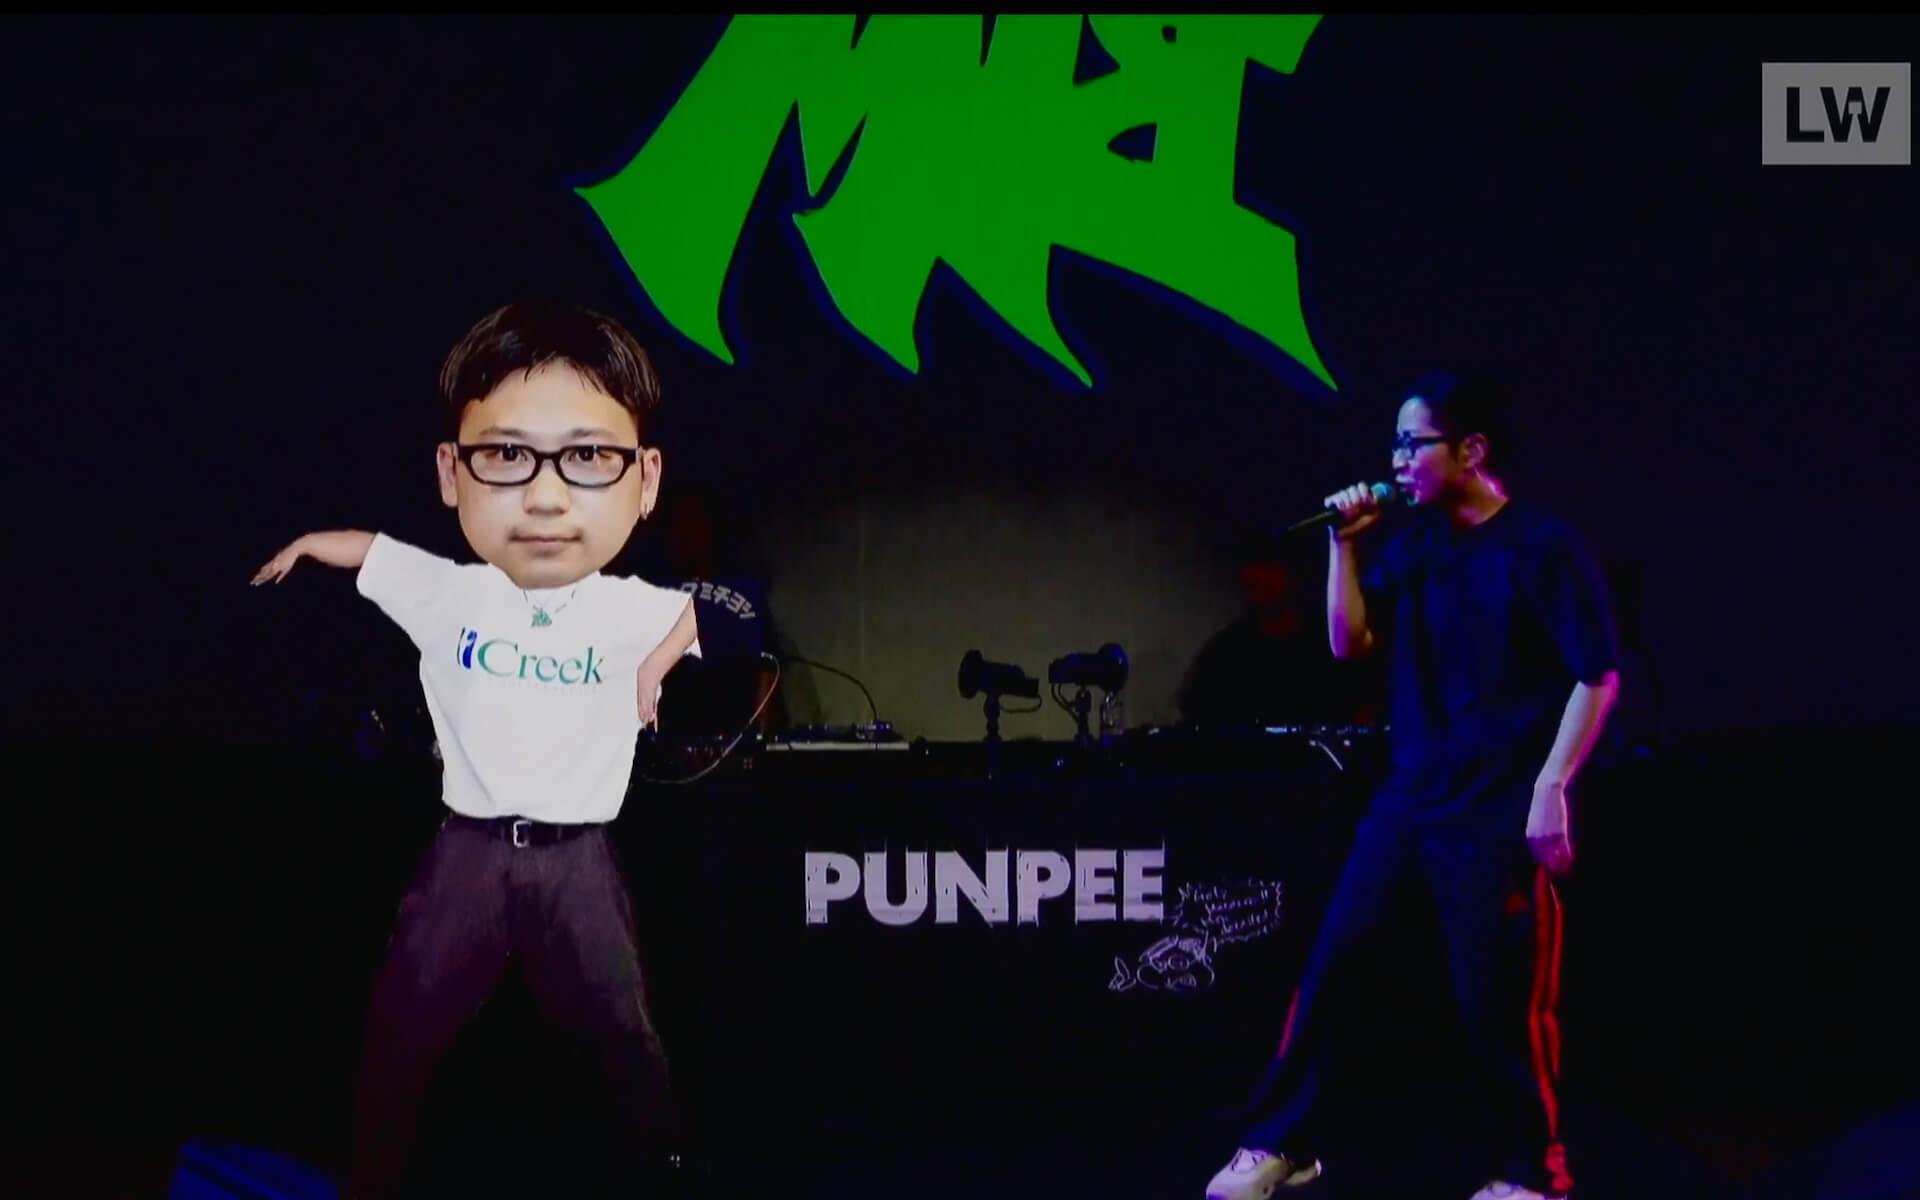 ライブレポート:LIVEWIRE PUNPEE<Sofa Kingdomcome>|映画作品のような夢見心地の時間 music200915_punpee_10